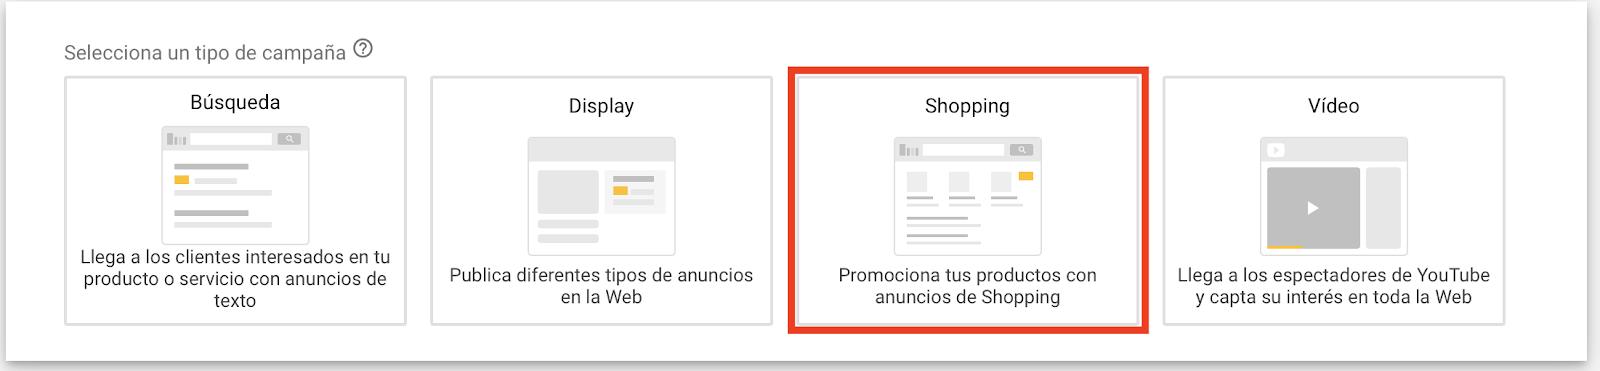 crear-campaña-google-shopping